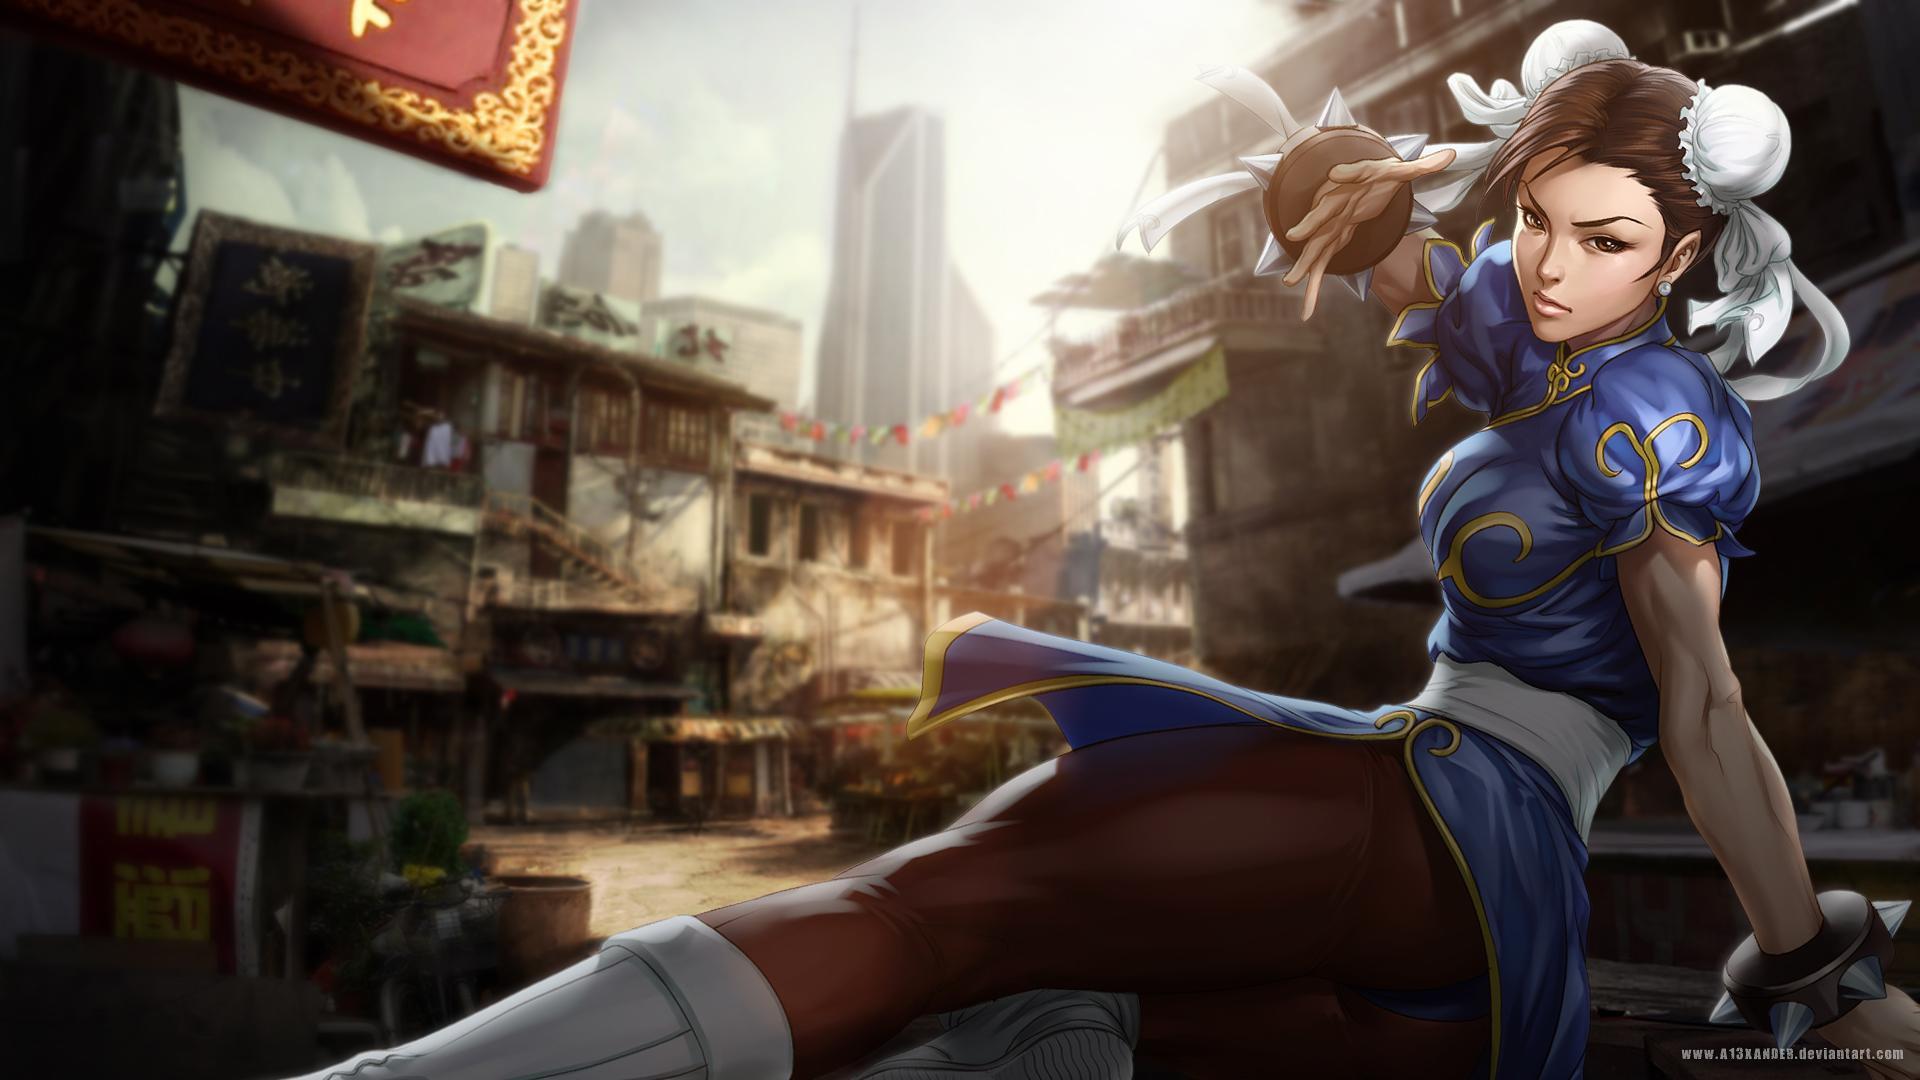 《快打旋風5》的第一位DLC角色確定將會是快打3的主角Alex